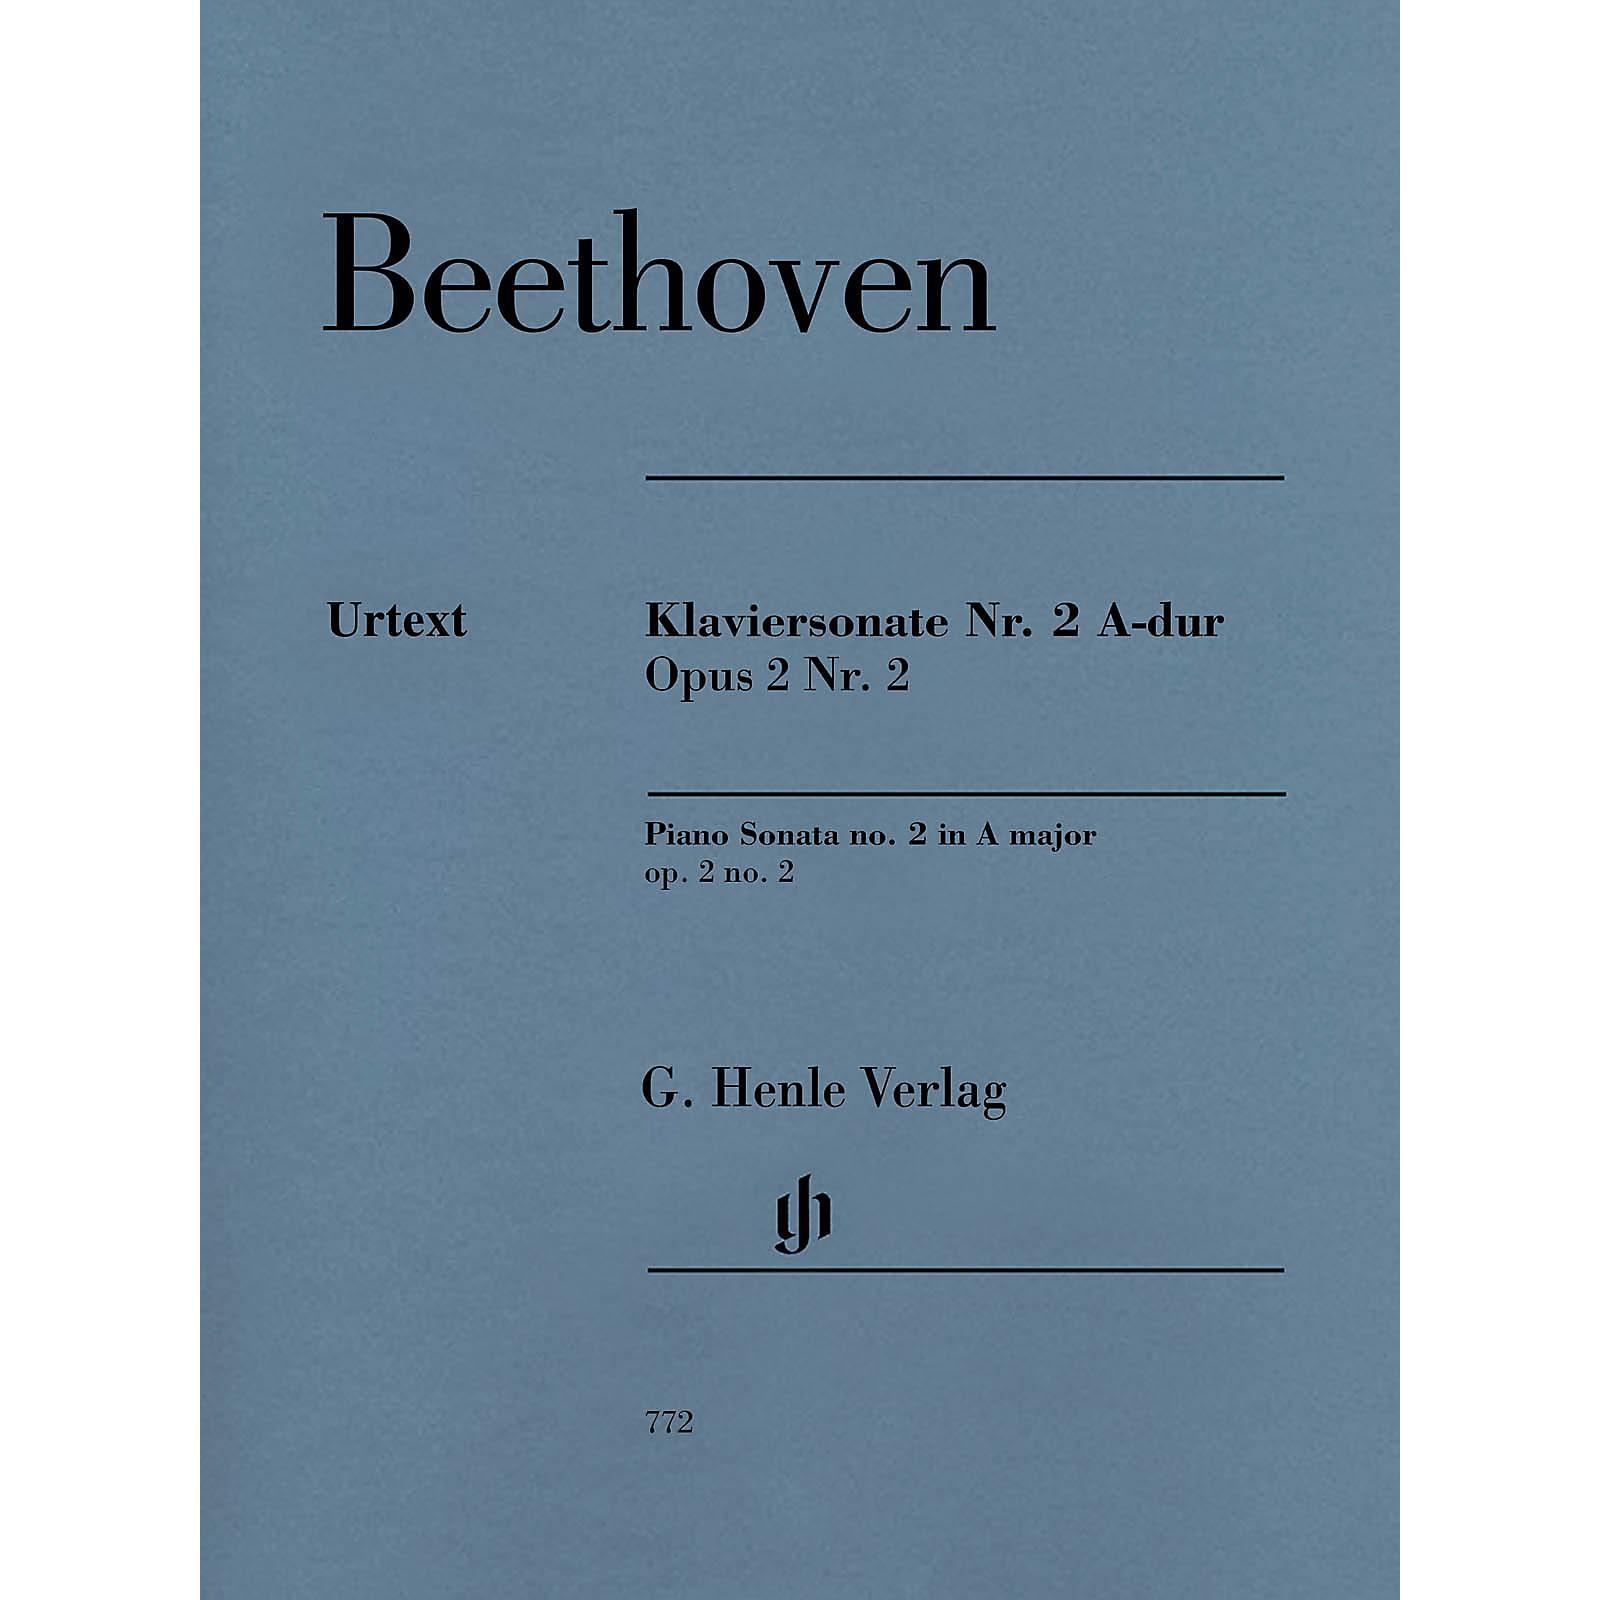 G. Henle Verlag Piano Sonata No. 2 In A Major, Op. 2, No. 2 by Ludwig van Beethoven